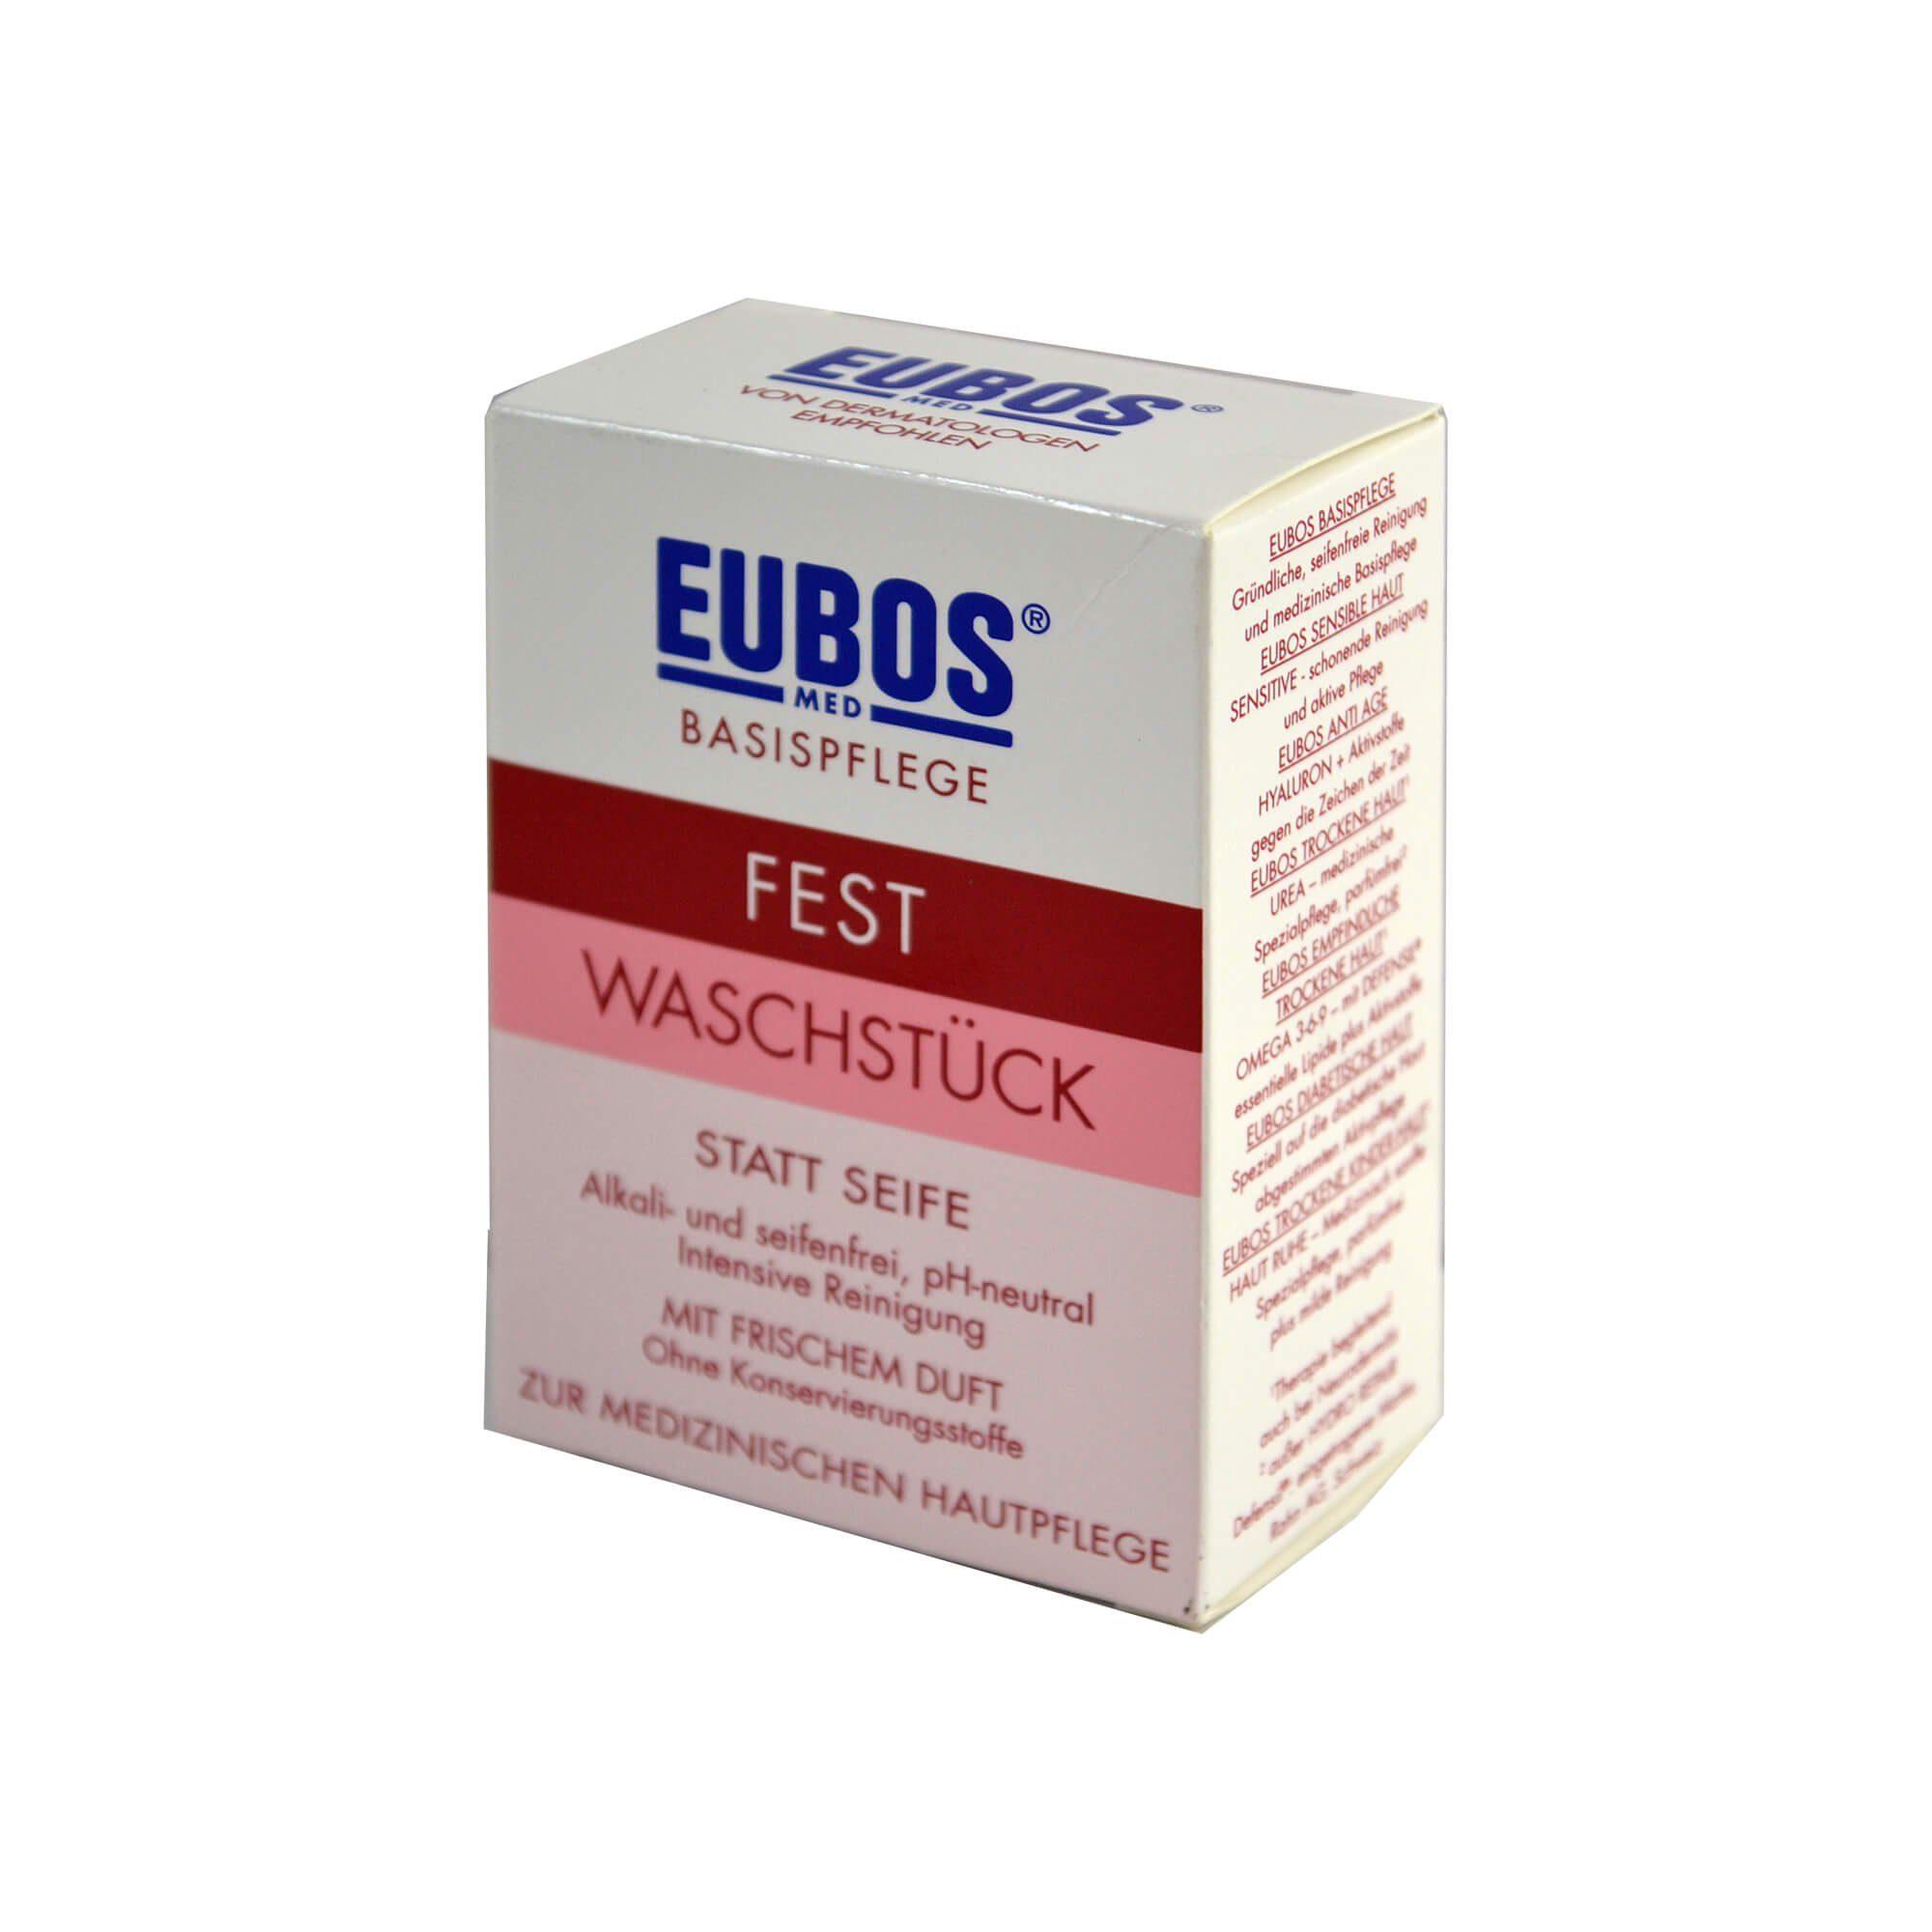 Eubos Fest rot mit frischem Duft, 125 g